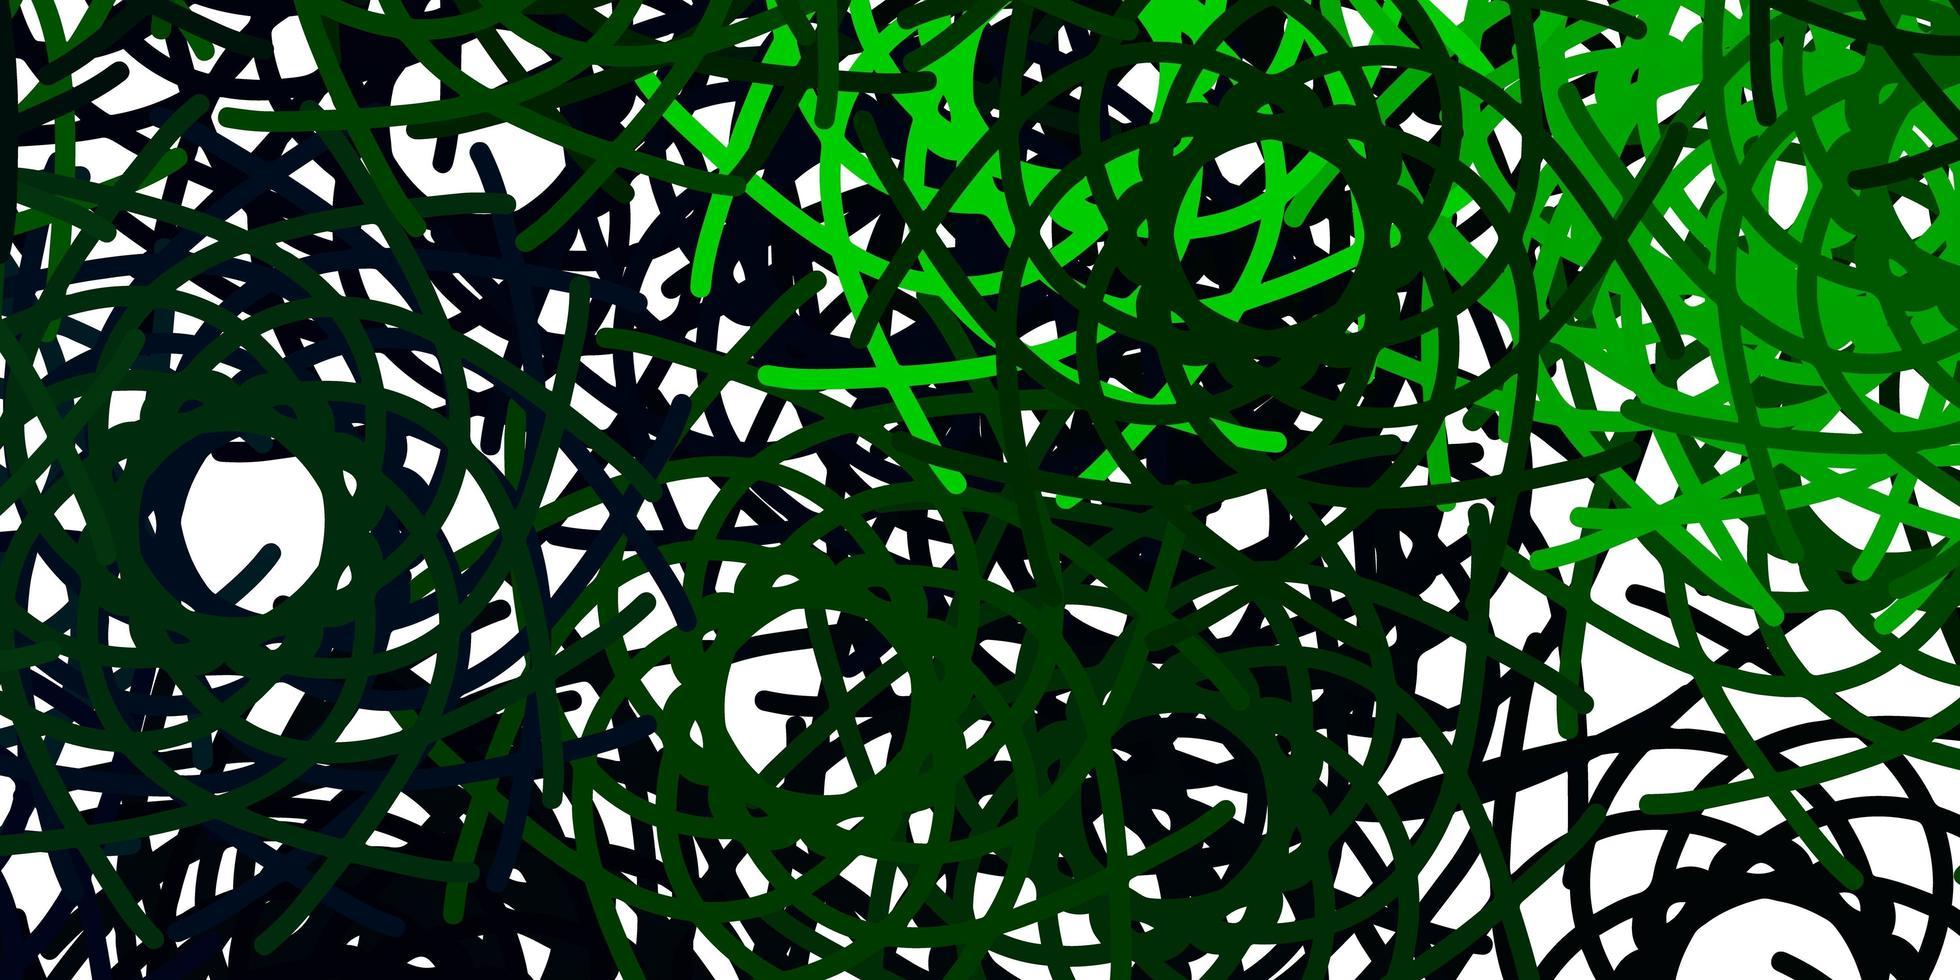 lichtgroen vectormalplaatje met abstracte vormen. vector